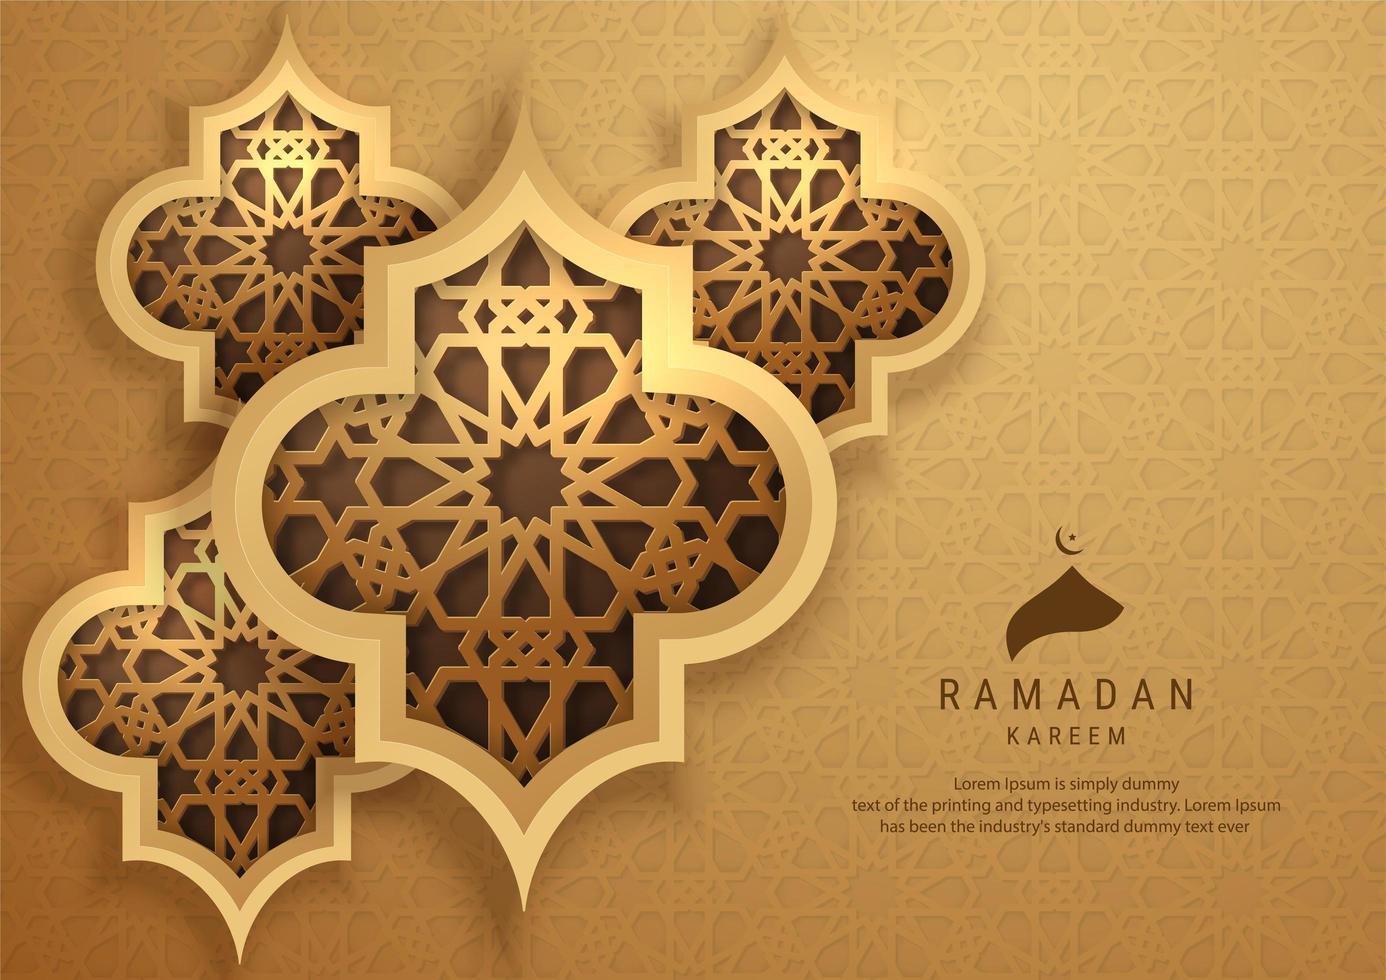 carte de ramadan kareem avec des formes ornementales vecteur